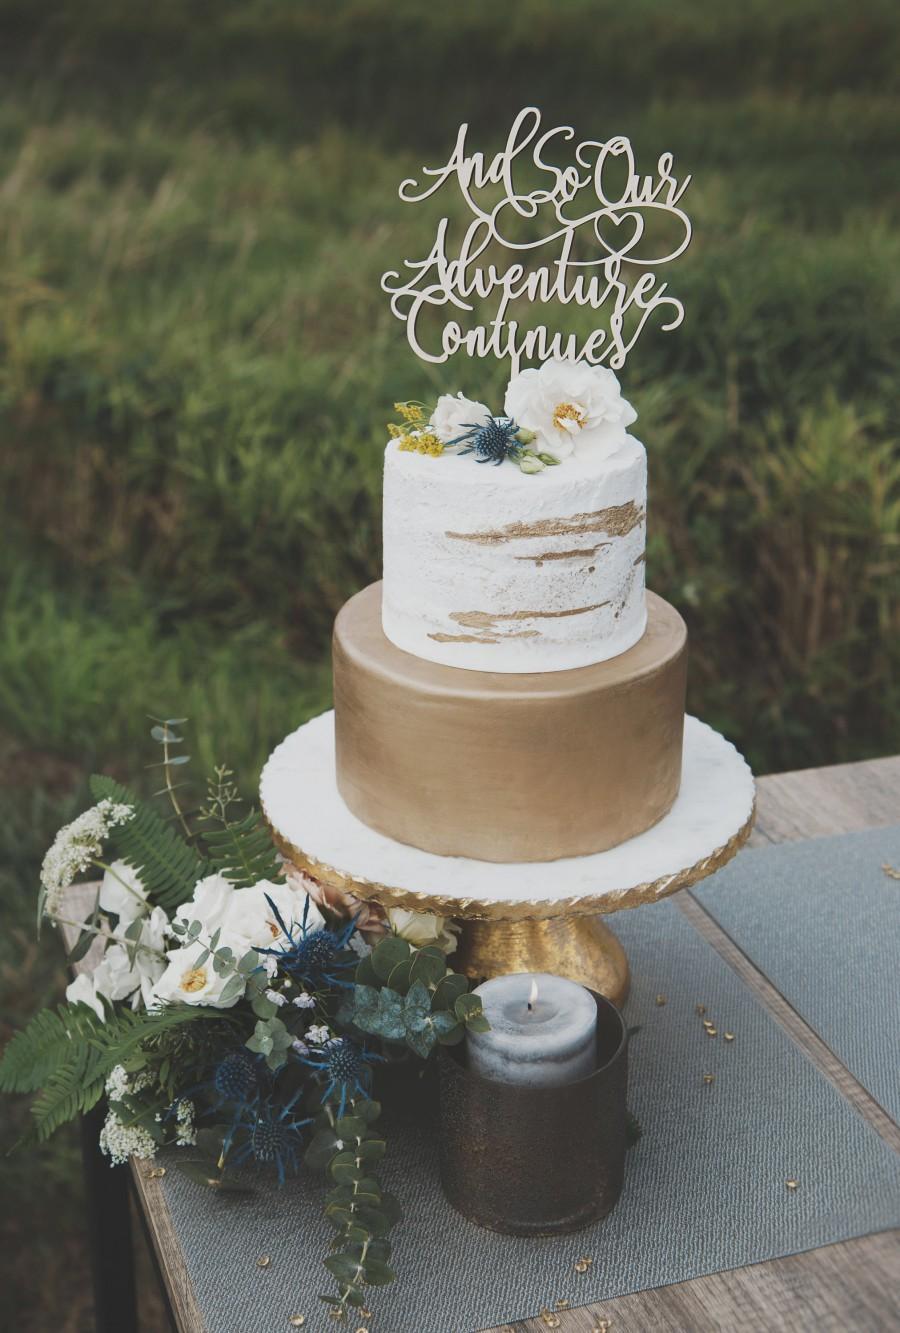 Hochzeit - Adventure Continues Wedding Cake Topper, Adventure Begins, Wedding Cake Topper, Wedding Decor, Wedding Cake Toppers, Cake Topper Wedding